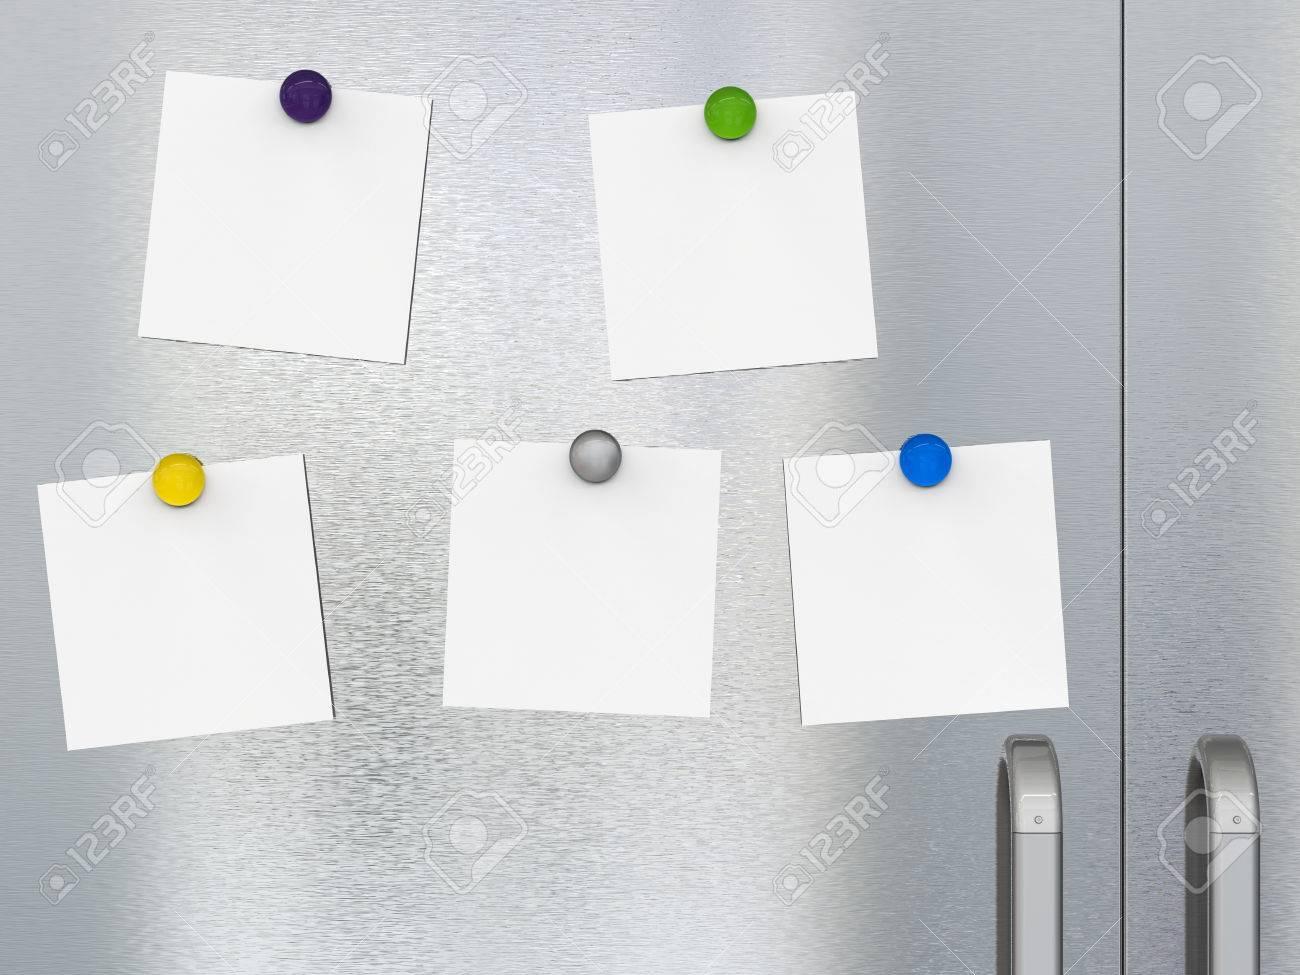 3d rendering five empty notes with fridge magnets on refrigerator door Stock Photo - 79767375 & 3d Rendering Five Empty Notes With Fridge Magnets On Refrigerator ...